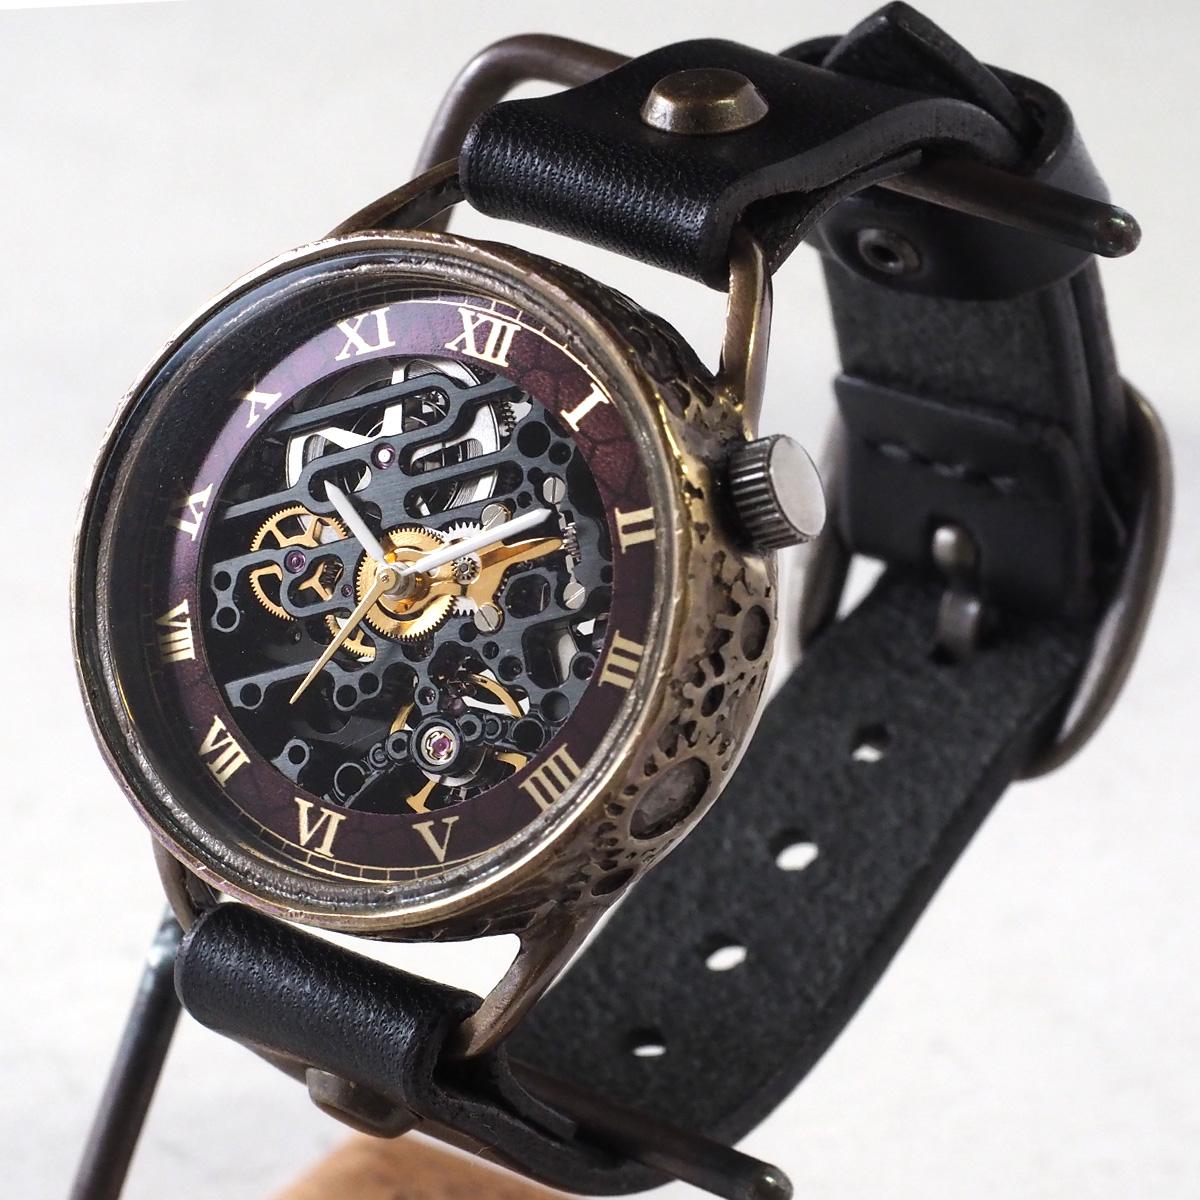 KINO(キノ) 手作り腕時計 自動巻き 裏スケルトン メカニックブラック ブラック